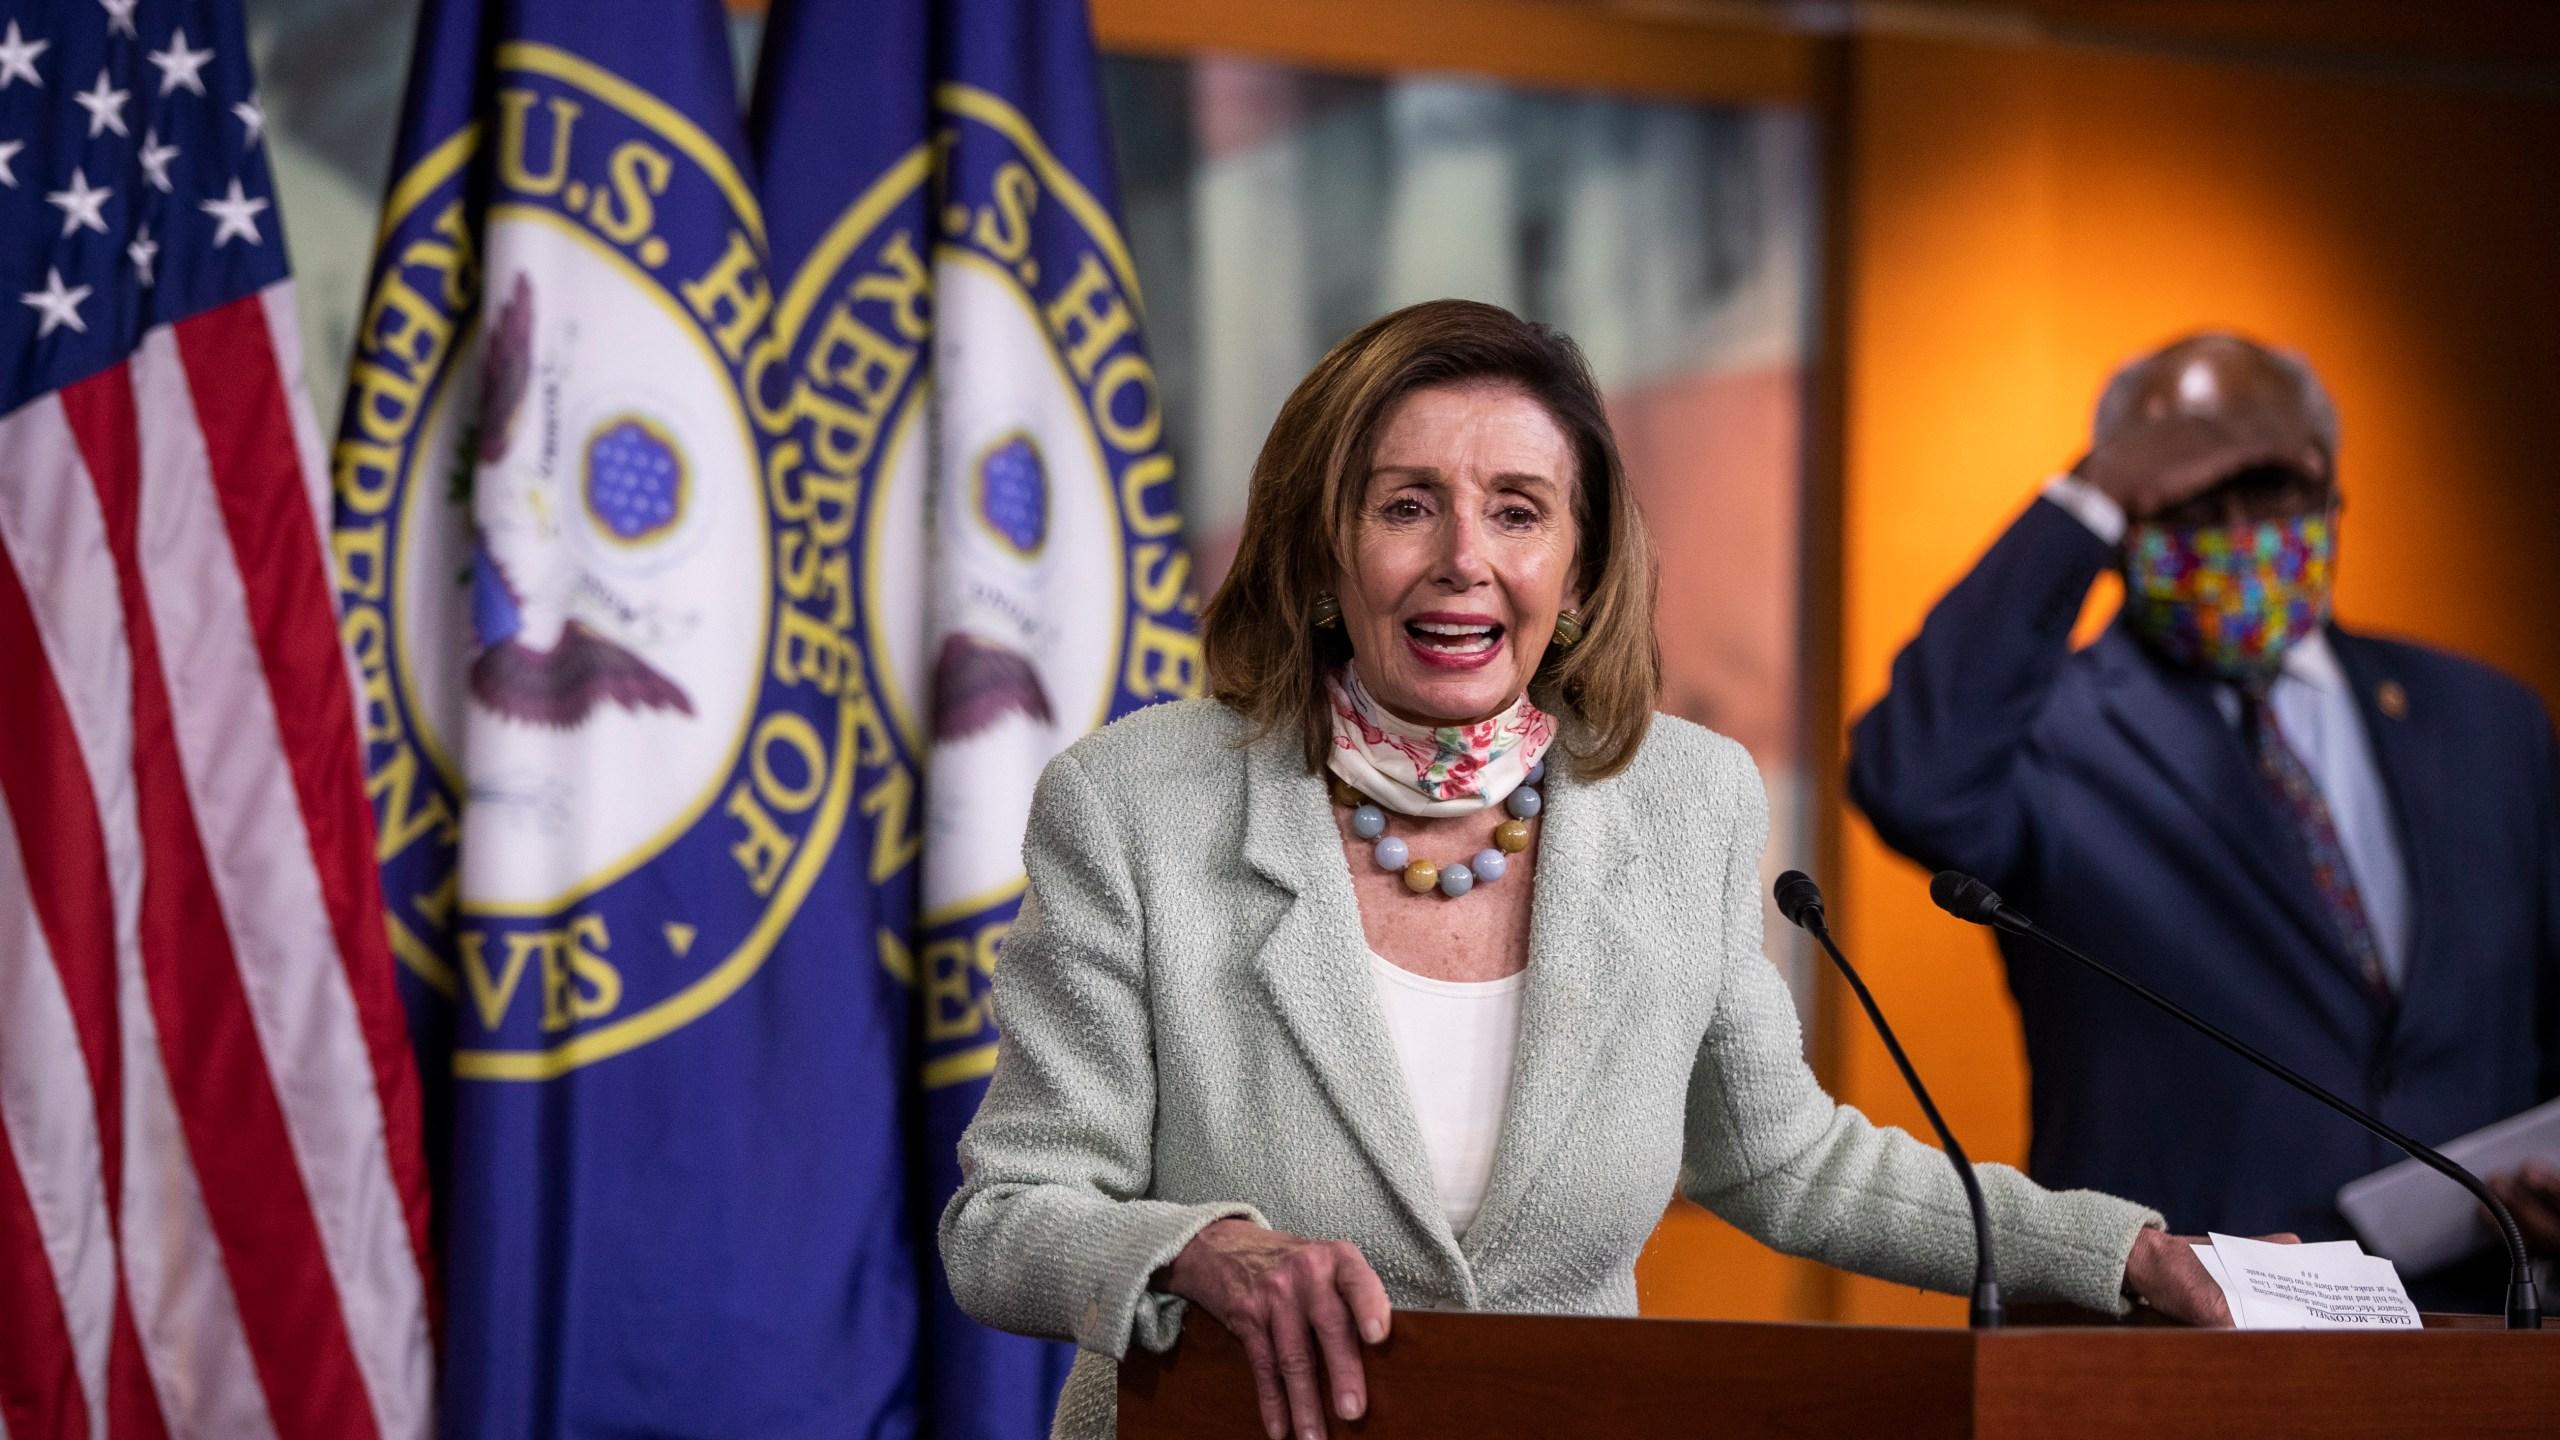 Nancy Pelosi, James Clyburn